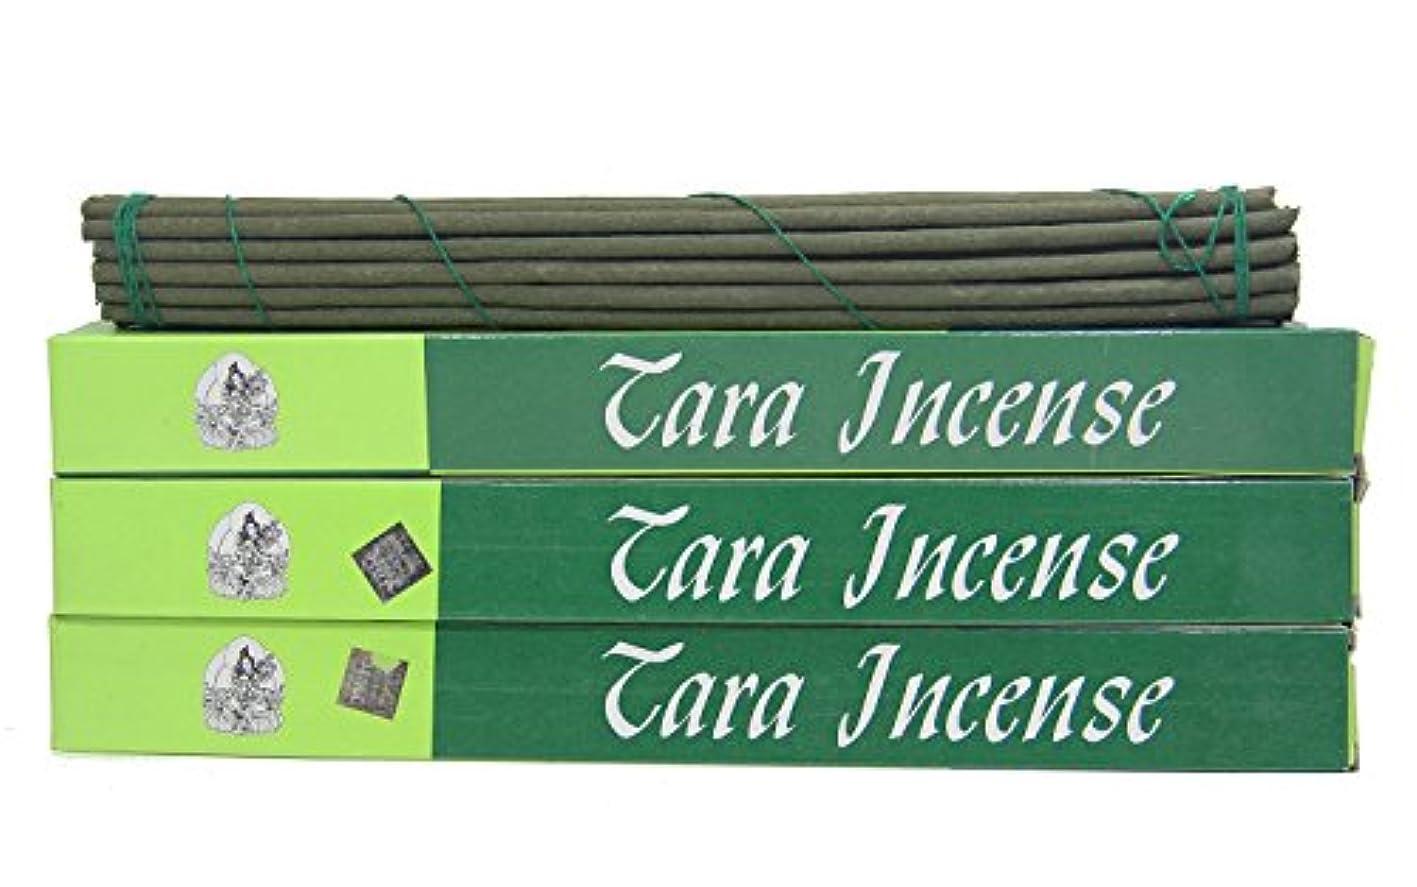 反論ネスト早く(Large 84 Sticks) - DharmaObjects 3 Box Tibetan Green Tara Incense Sticks (Large 84 Sticks)